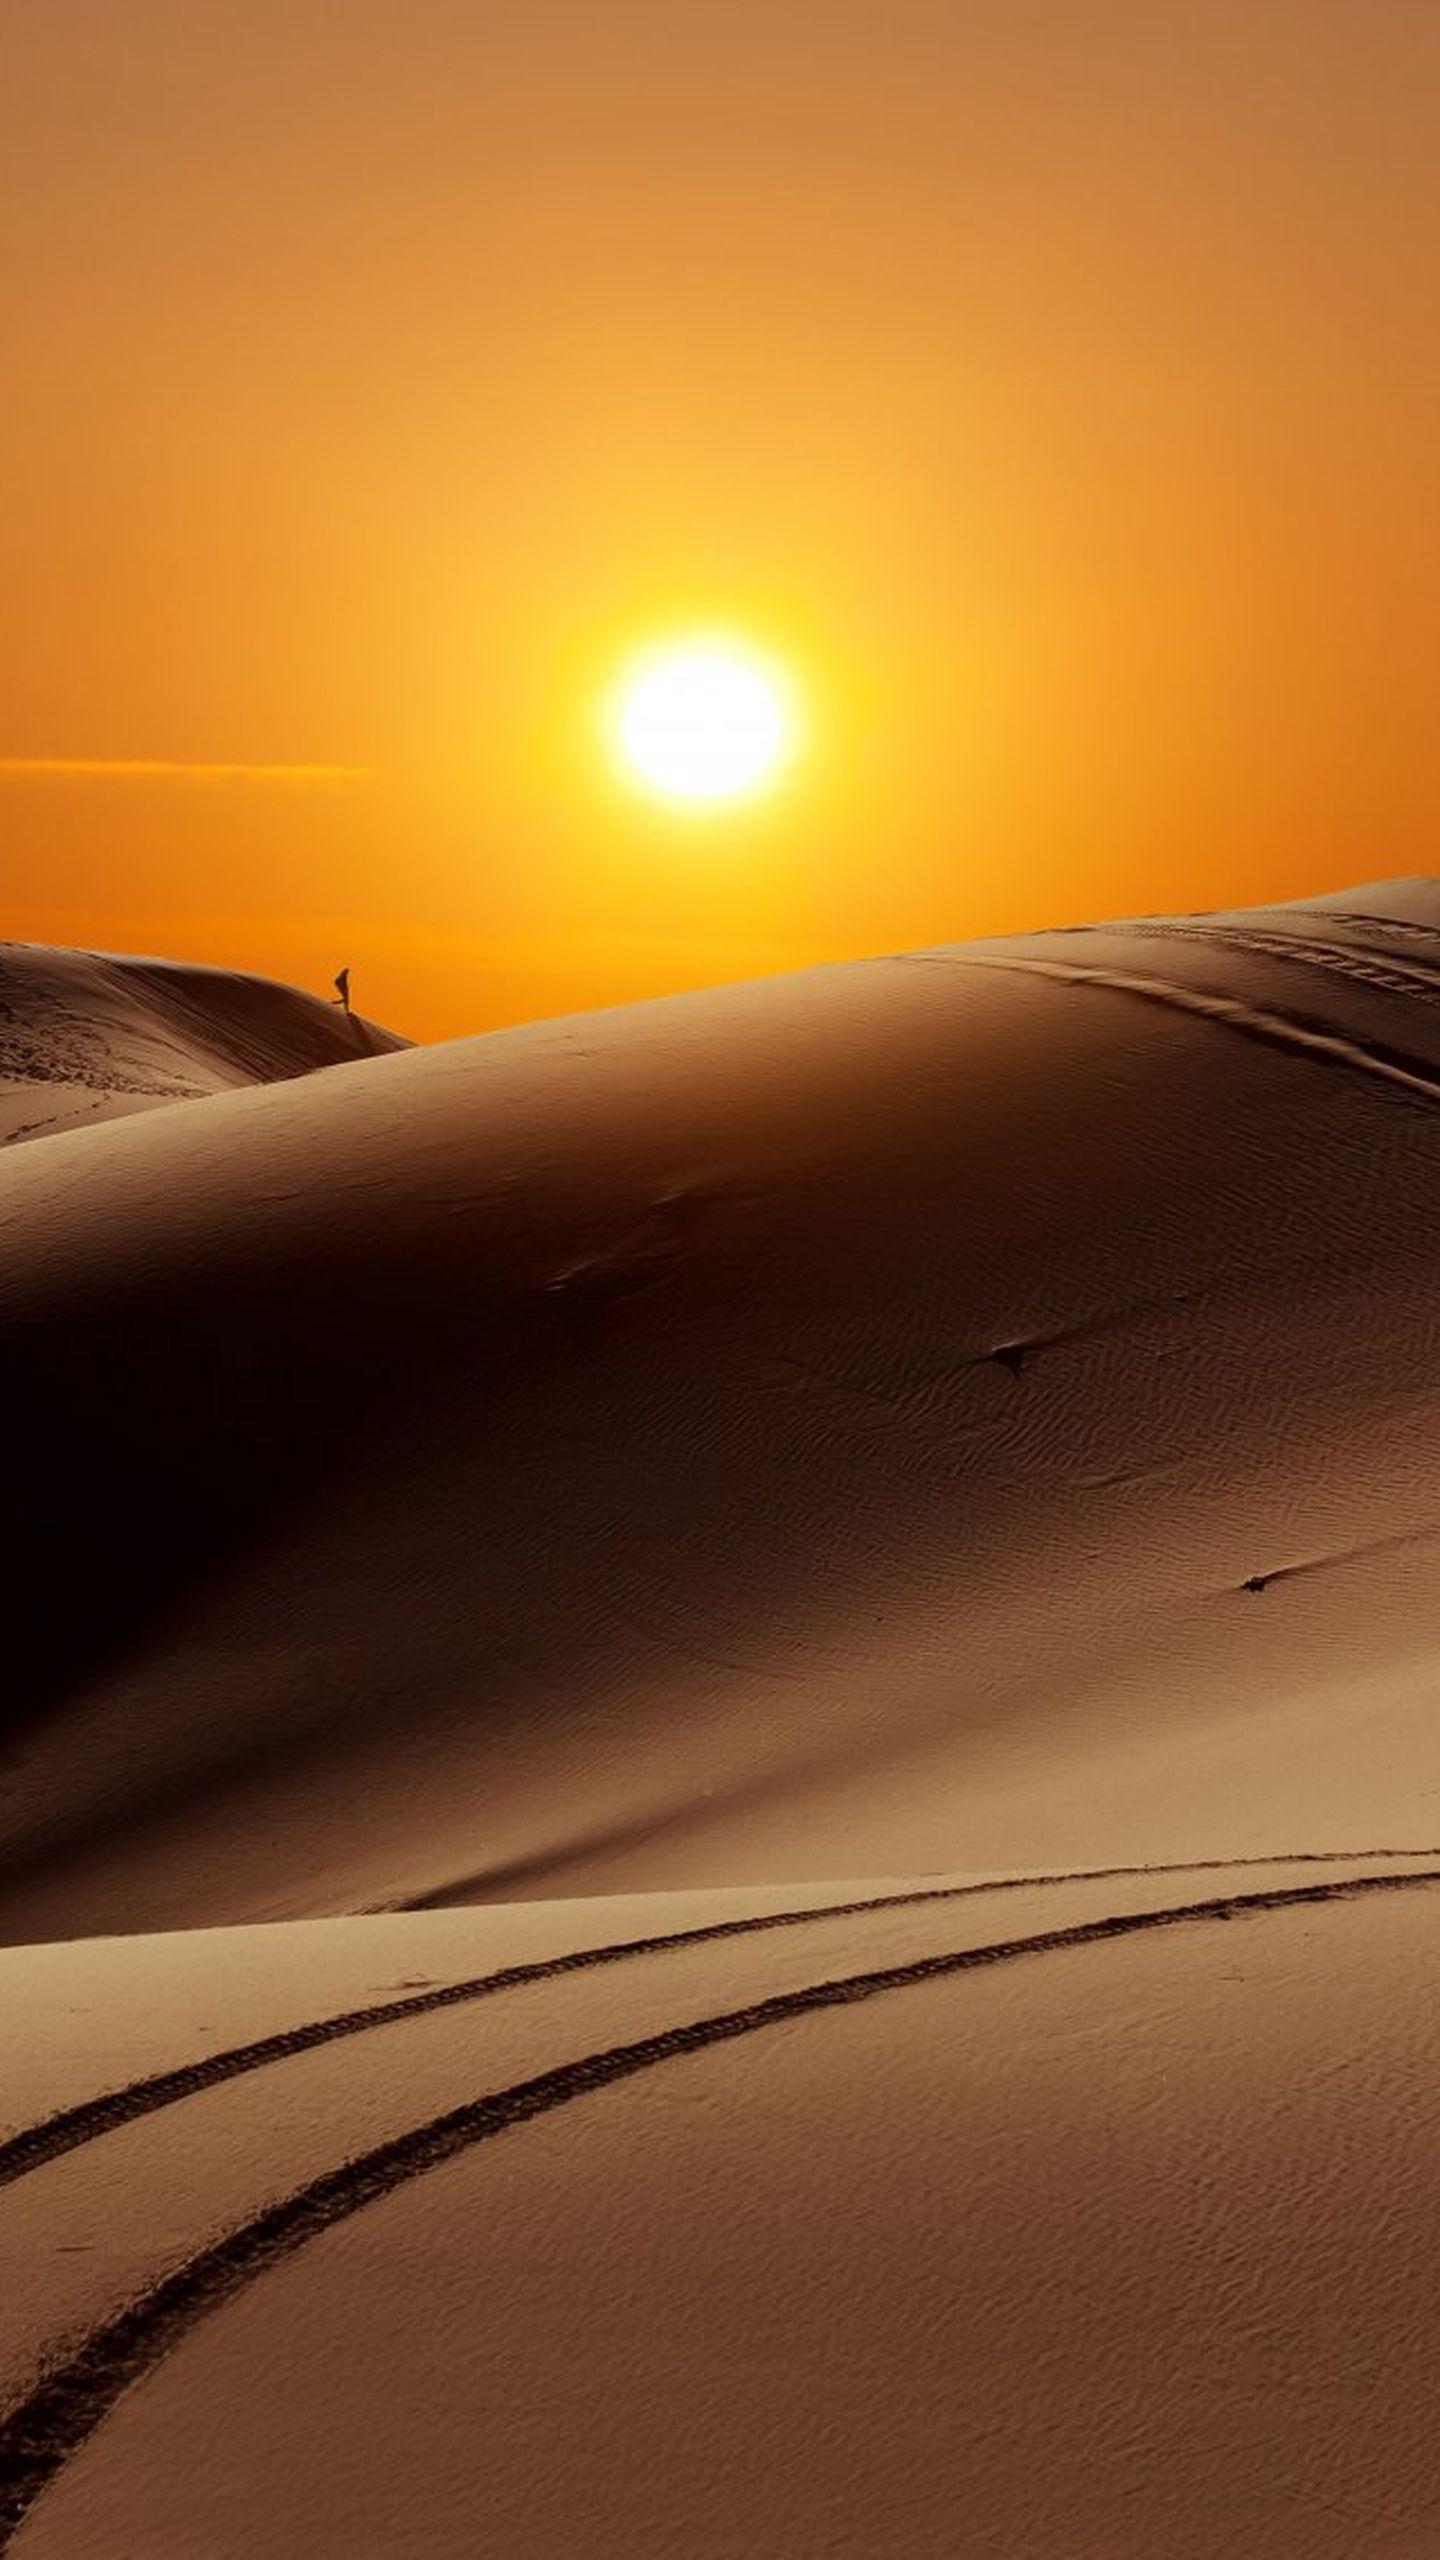 iPhone wallpaper desert alone Desert